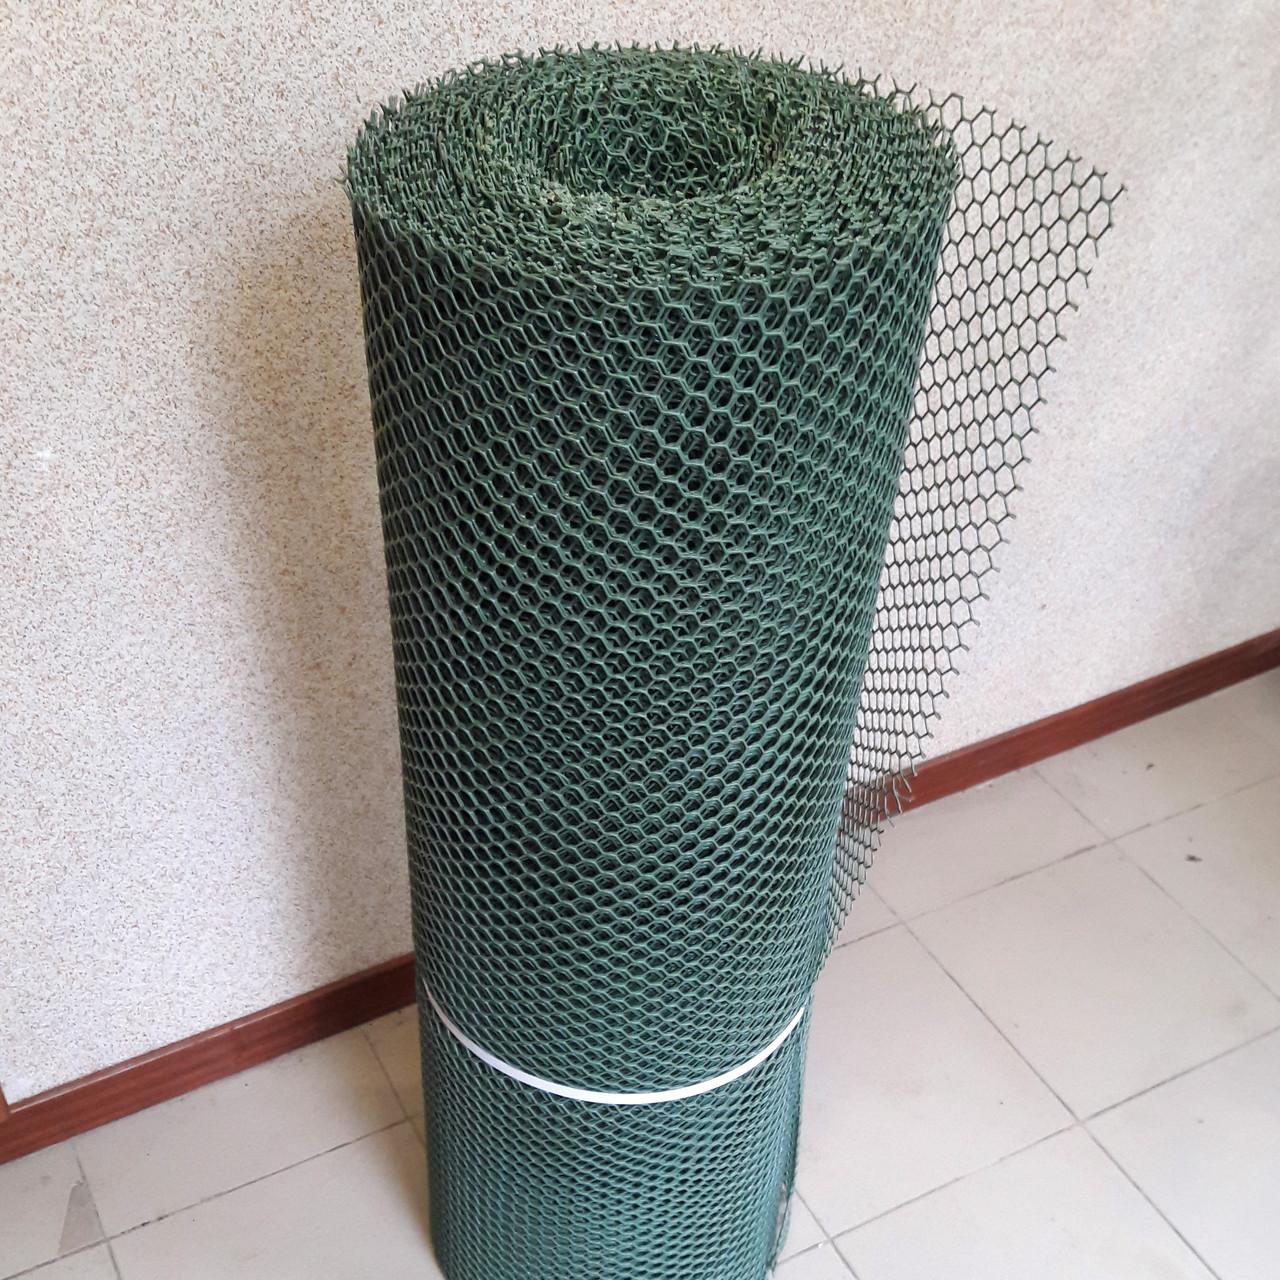 Сетка пластиковая 20х20х2мм (1х30 метров) производитель -  для ограждений